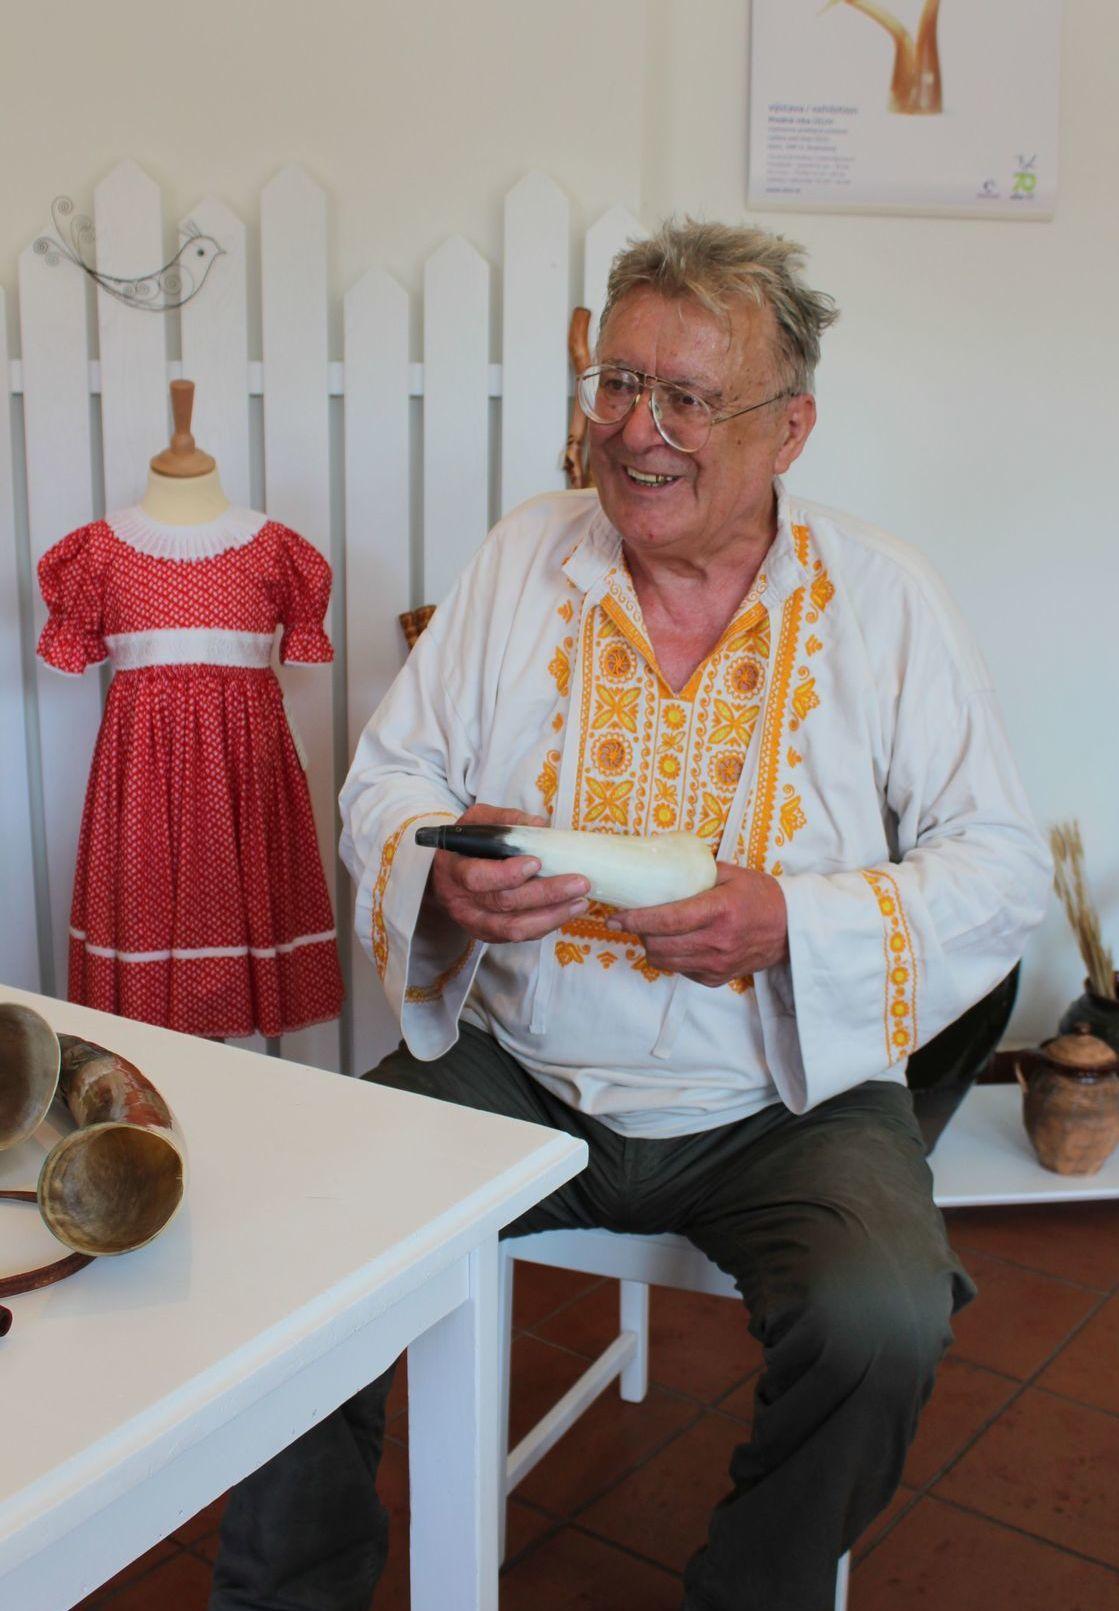 Majster ľudovej tvorby Tibor Koblíček vyrába predmety z rohoviny už vyše 40 rokov.